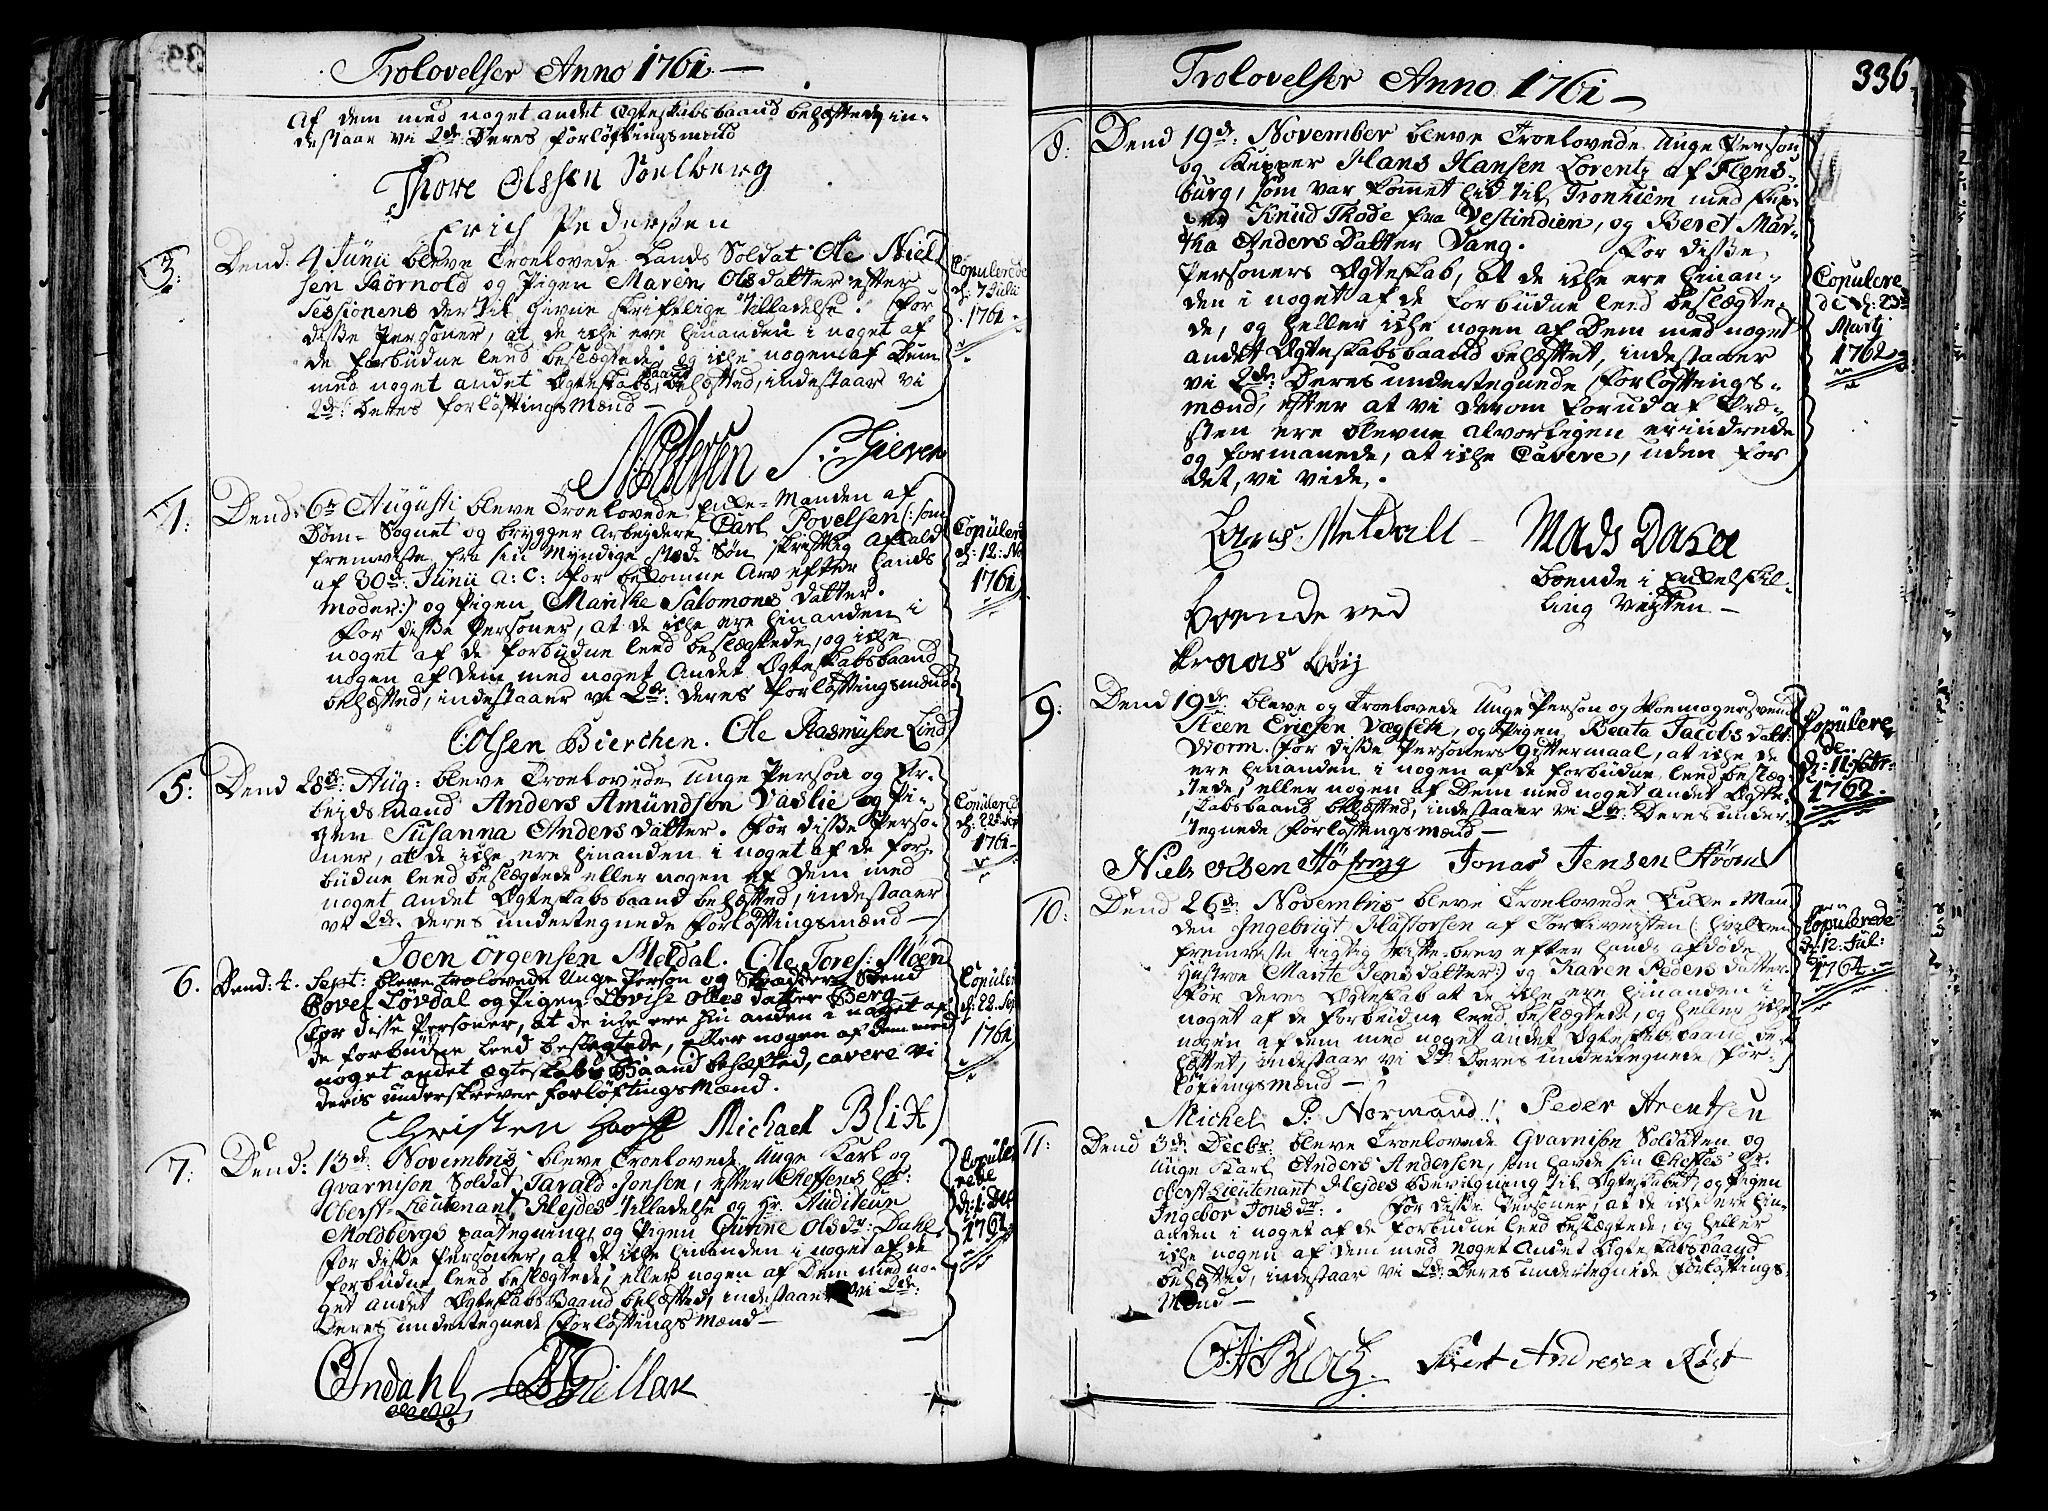 SAT, Ministerialprotokoller, klokkerbøker og fødselsregistre - Sør-Trøndelag, 602/L0103: Ministerialbok nr. 602A01, 1732-1774, s. 336